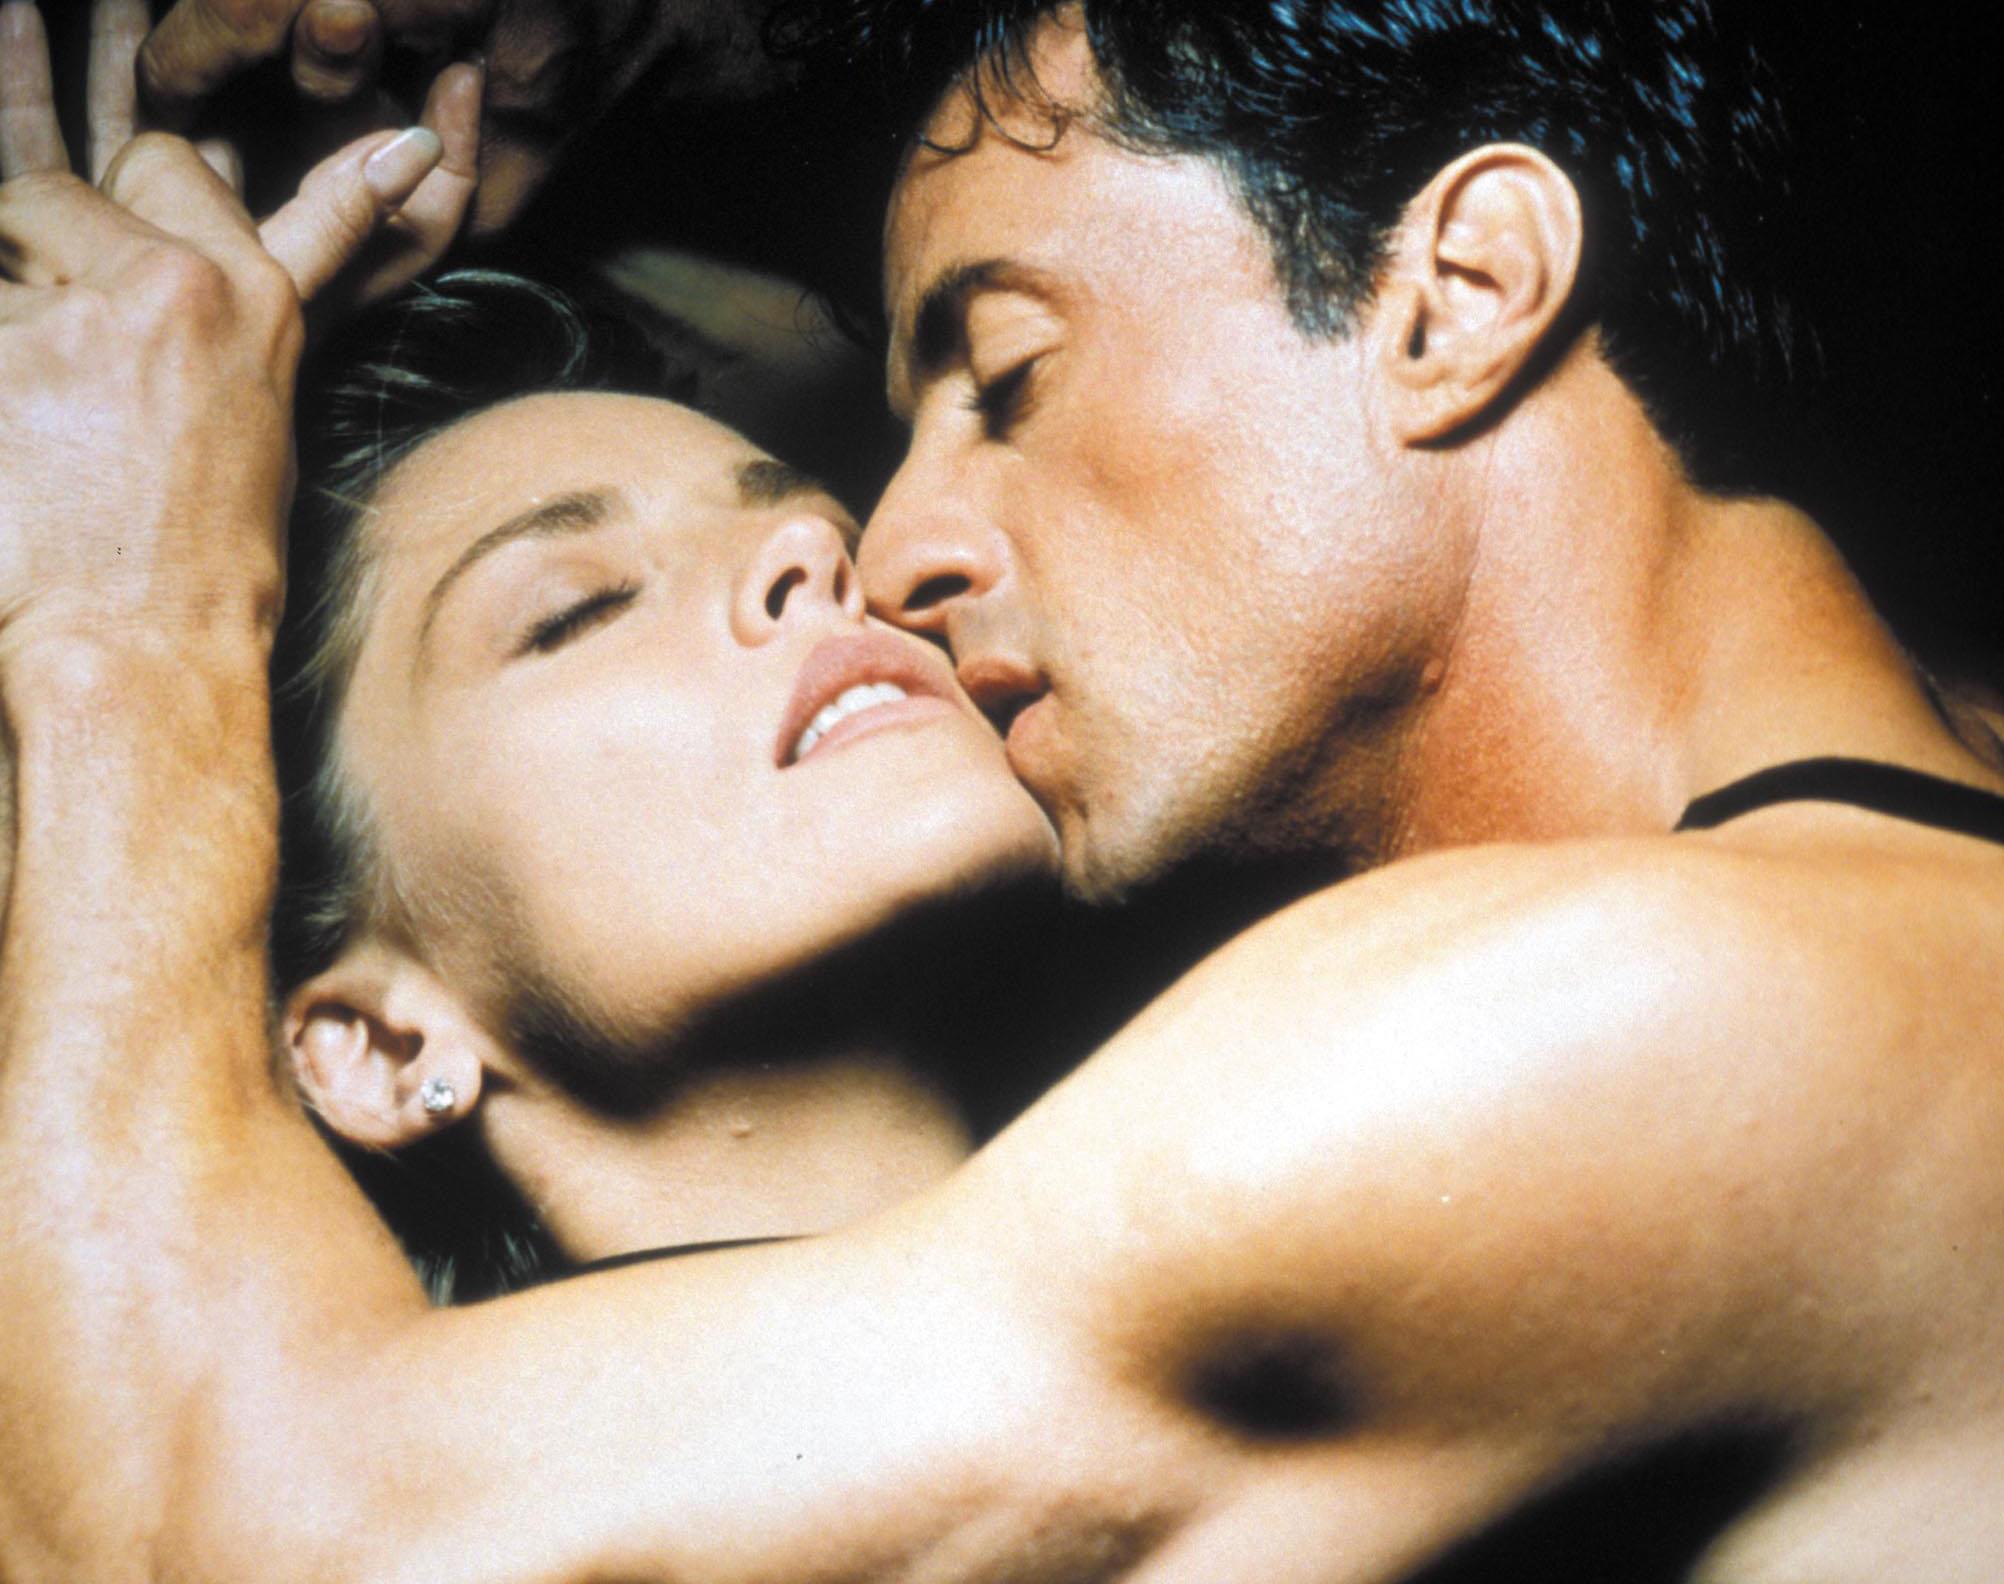 film molto erotico foto prostitute strada